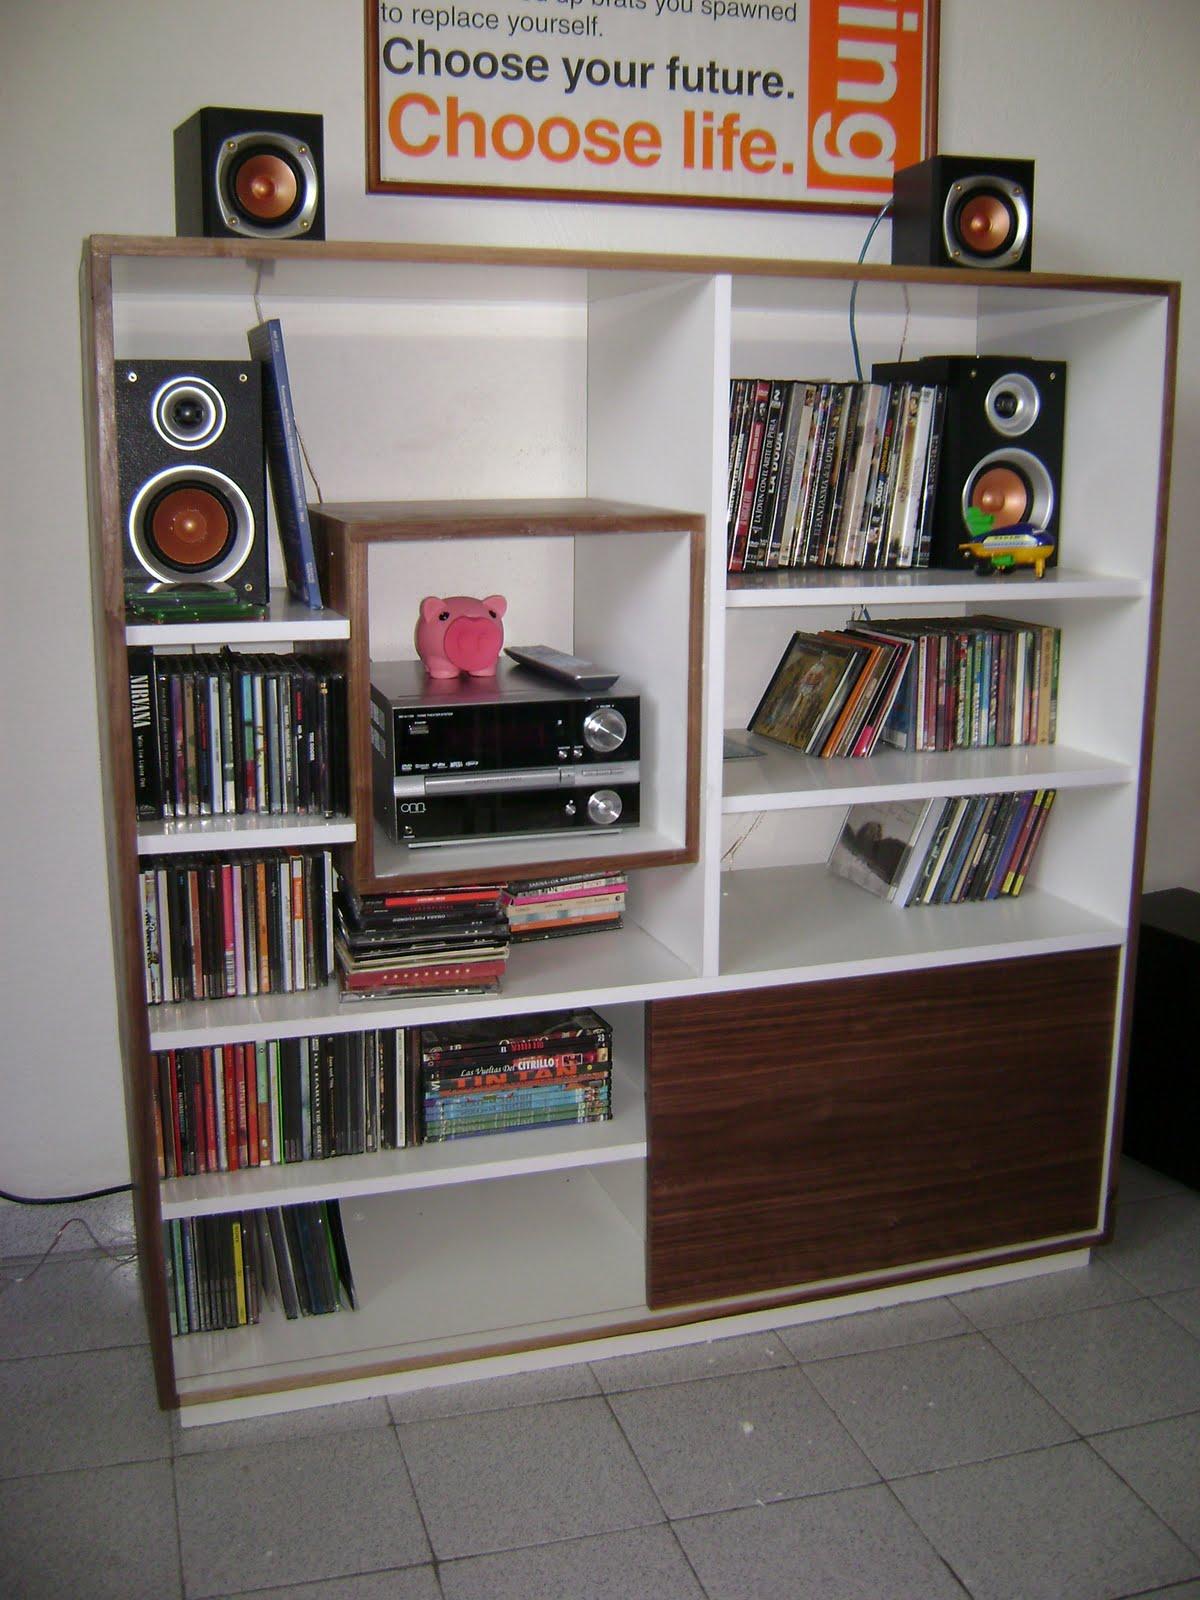 Taller df mueble para equipo de sonido y discos - Muebles para equipos de sonido ...